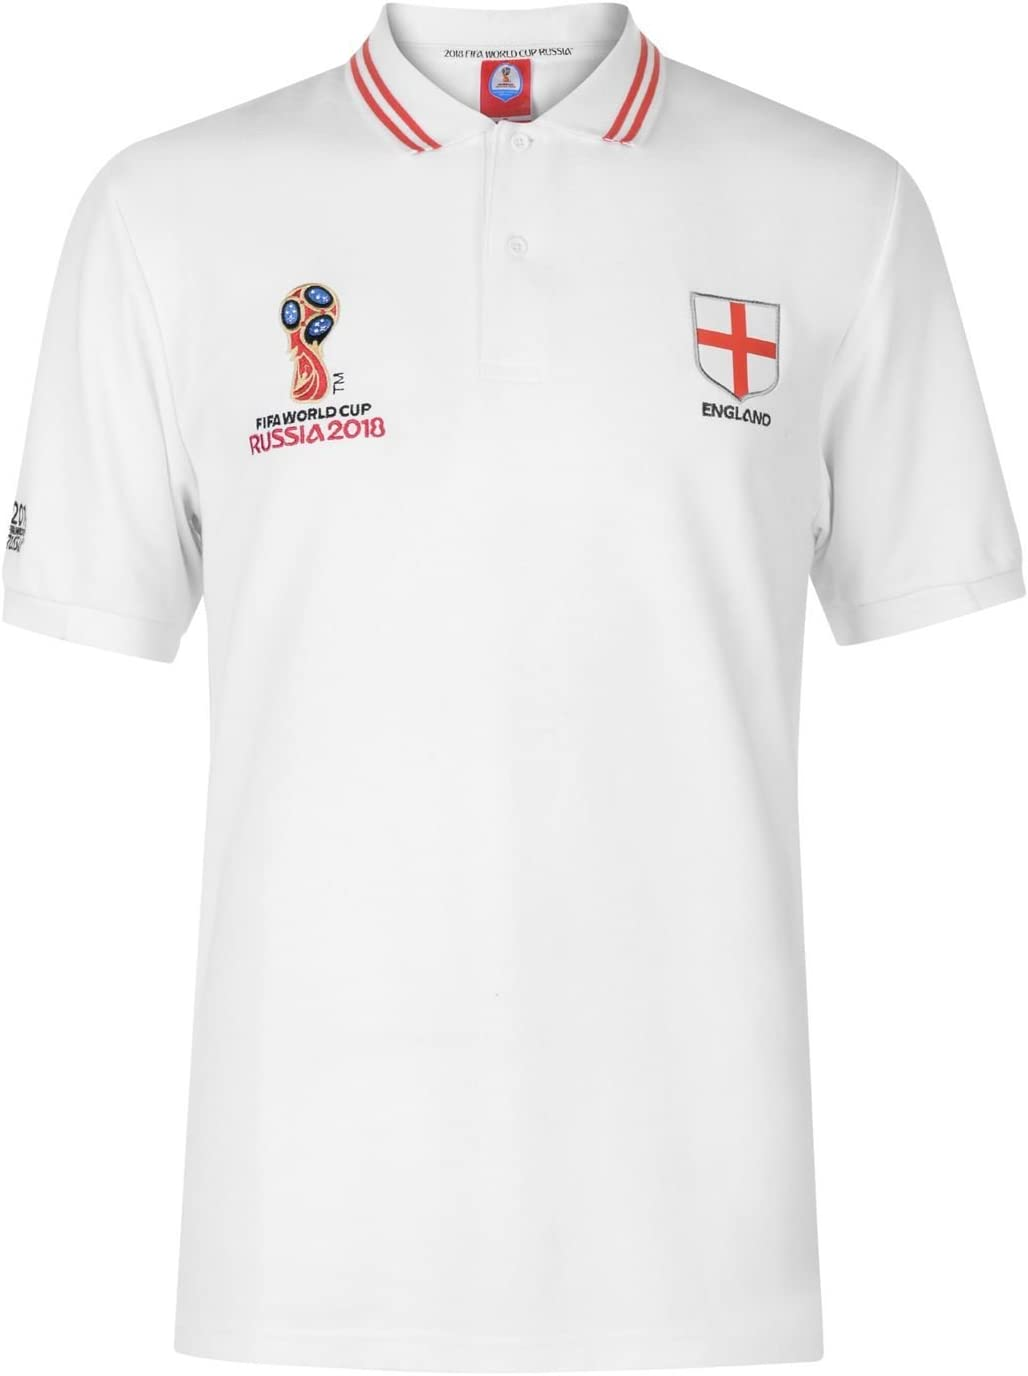 FIFA World Cup 2018 - Polo de Inglaterra para Hombre, Color Blanco ...